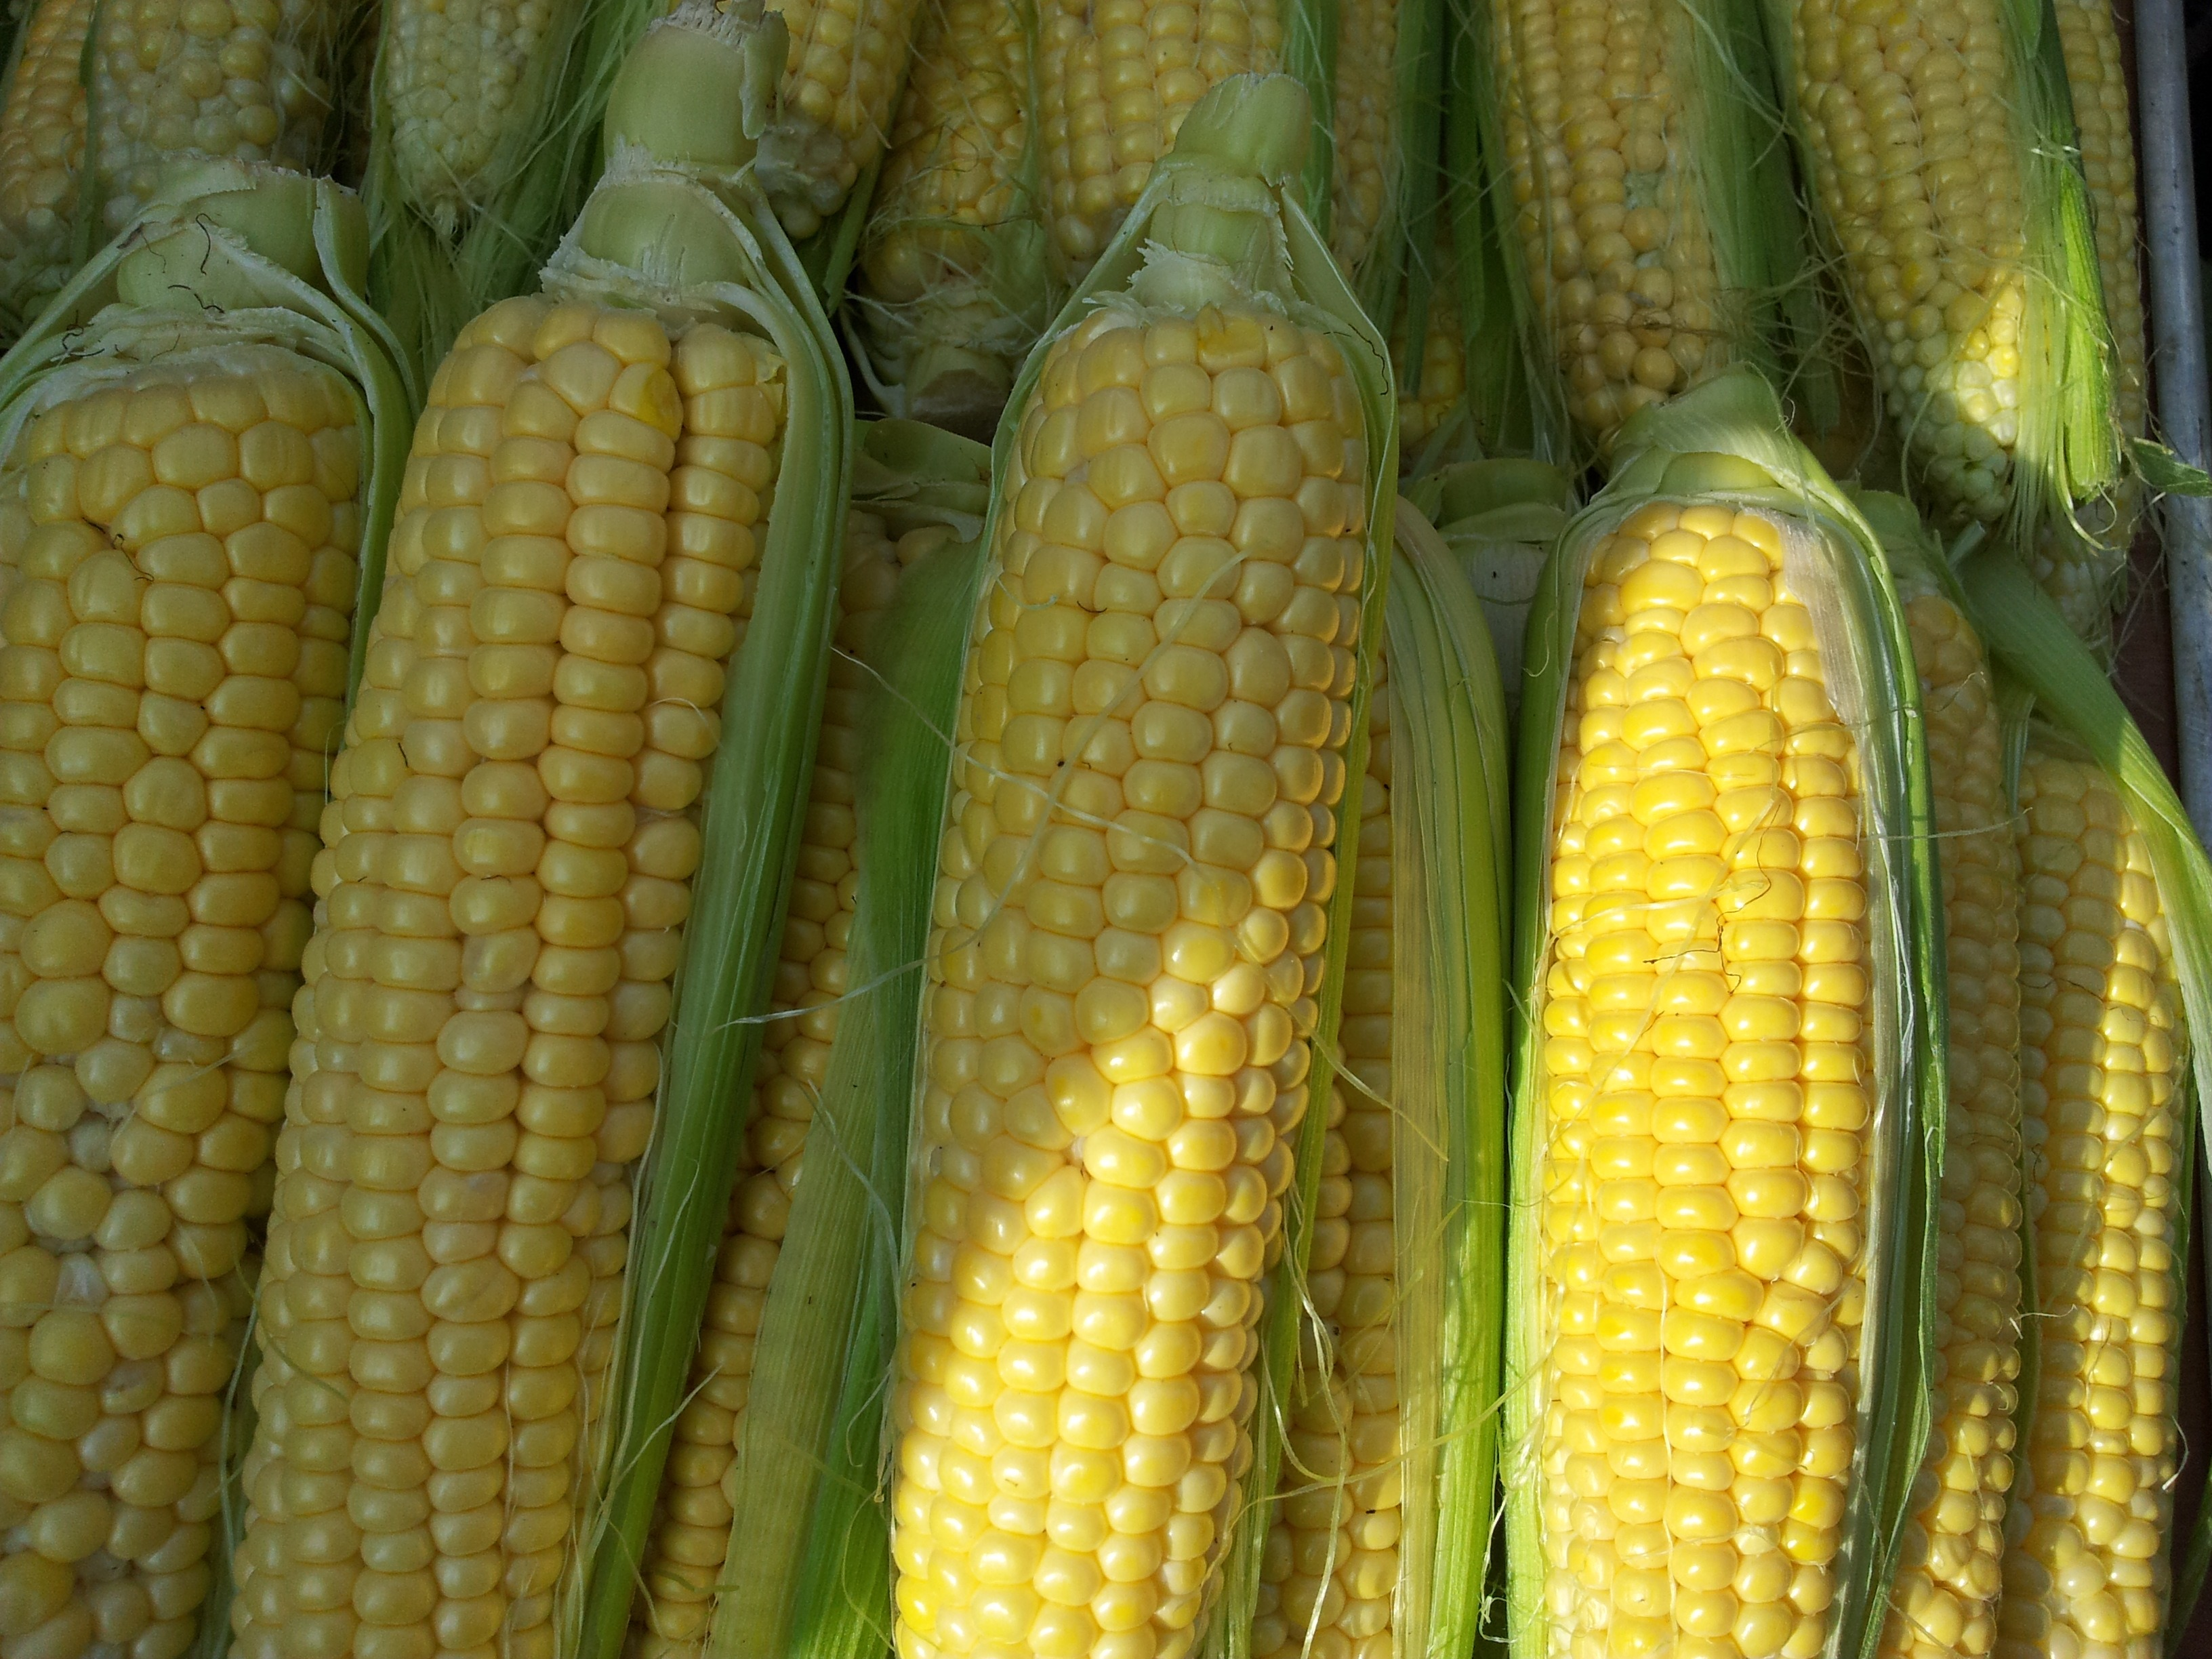 Житель Киреевского района украл больше 400 килограммов кукурузы